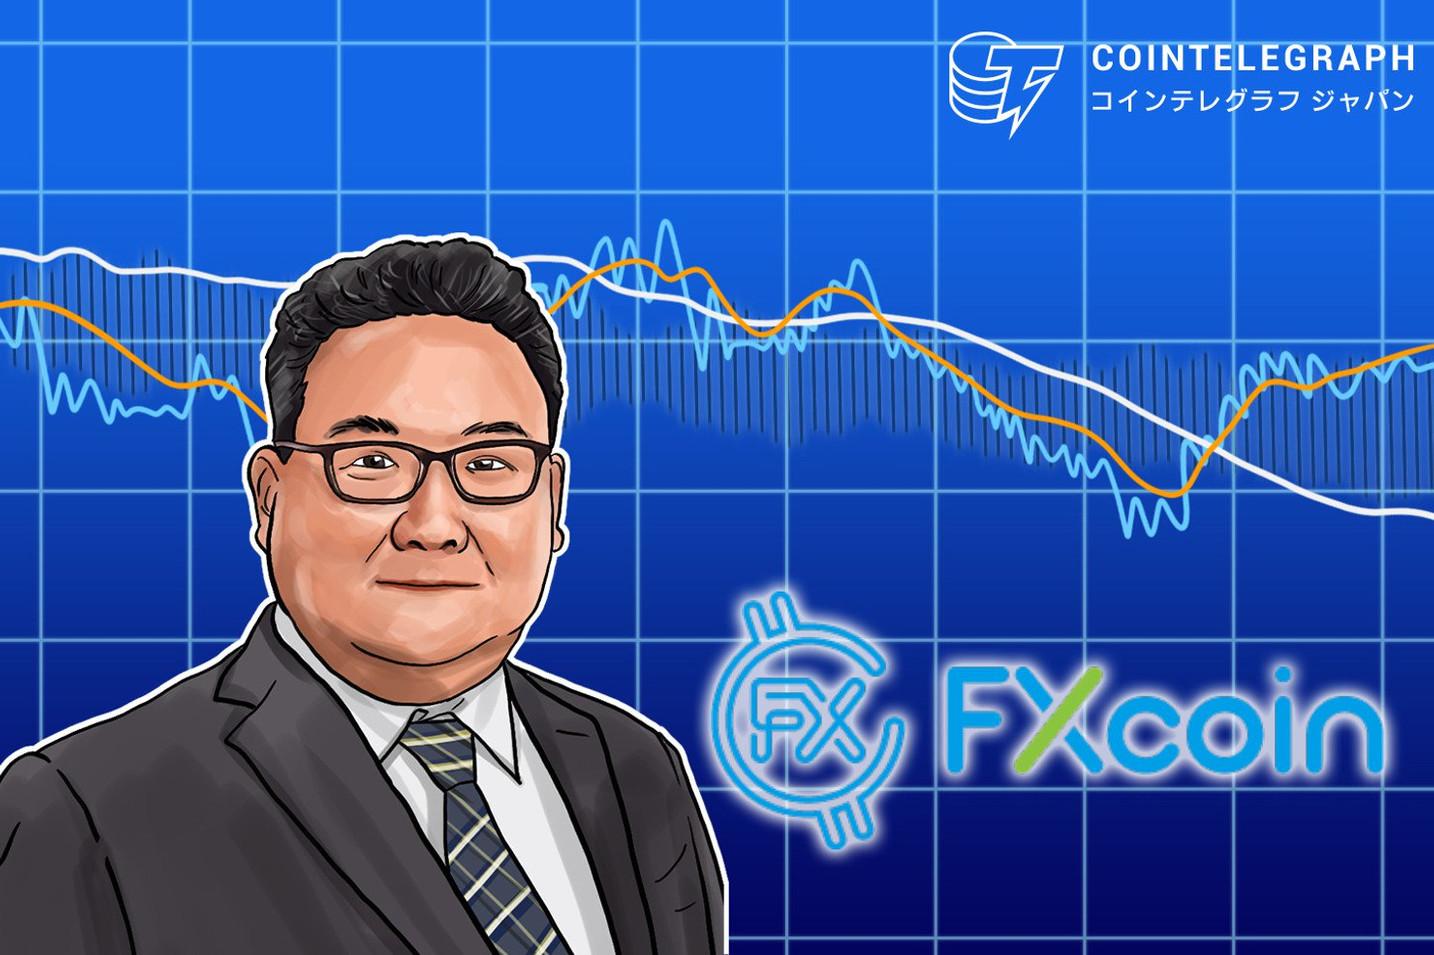 強気予想が目立ち始めたビットコイン、何が注目されている?【仮想通貨相場】